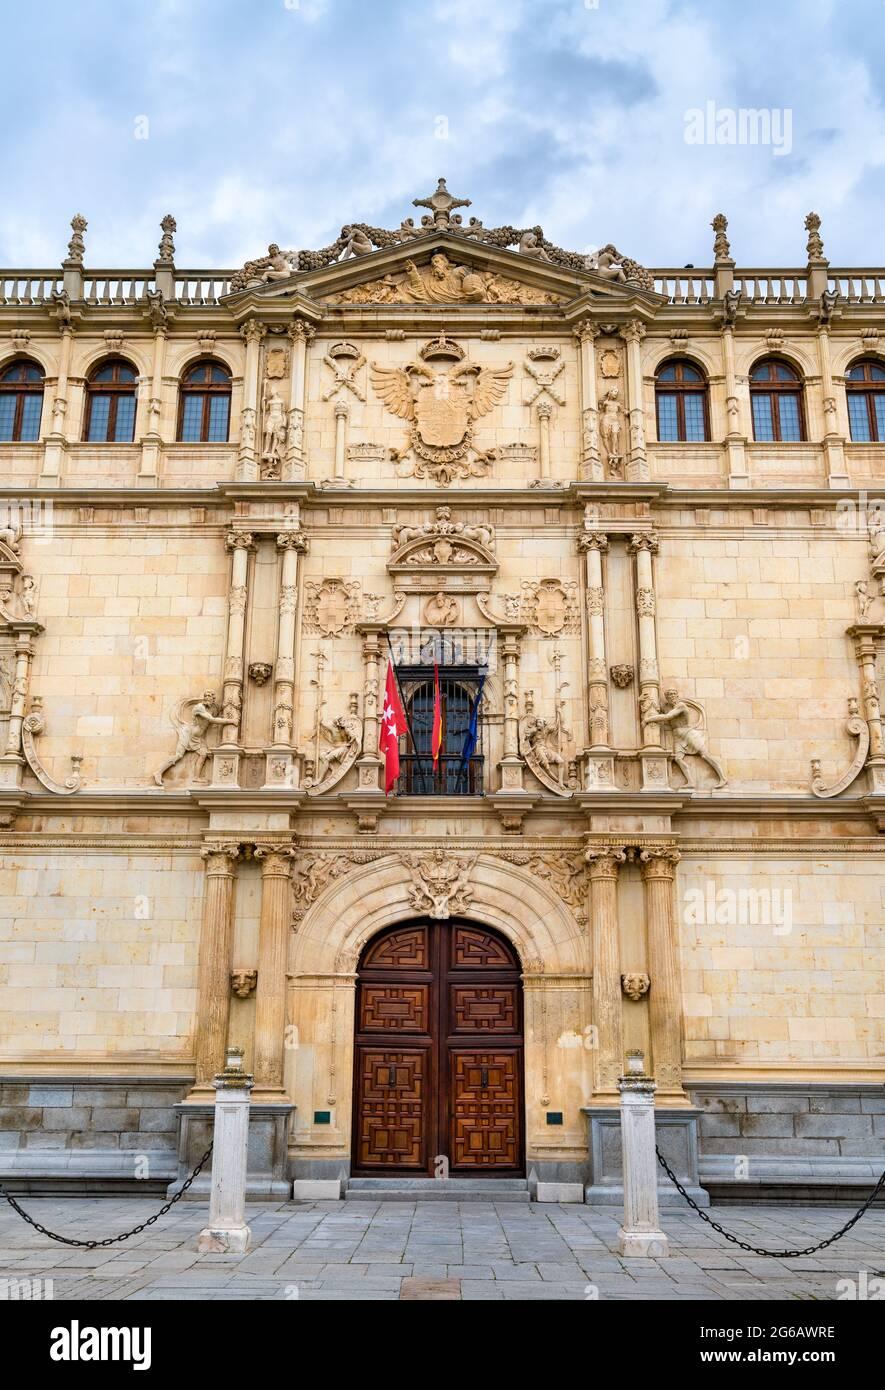 Colegio Mayor de San Ildefonso à Alcala de Henares, Espagne Banque D'Images